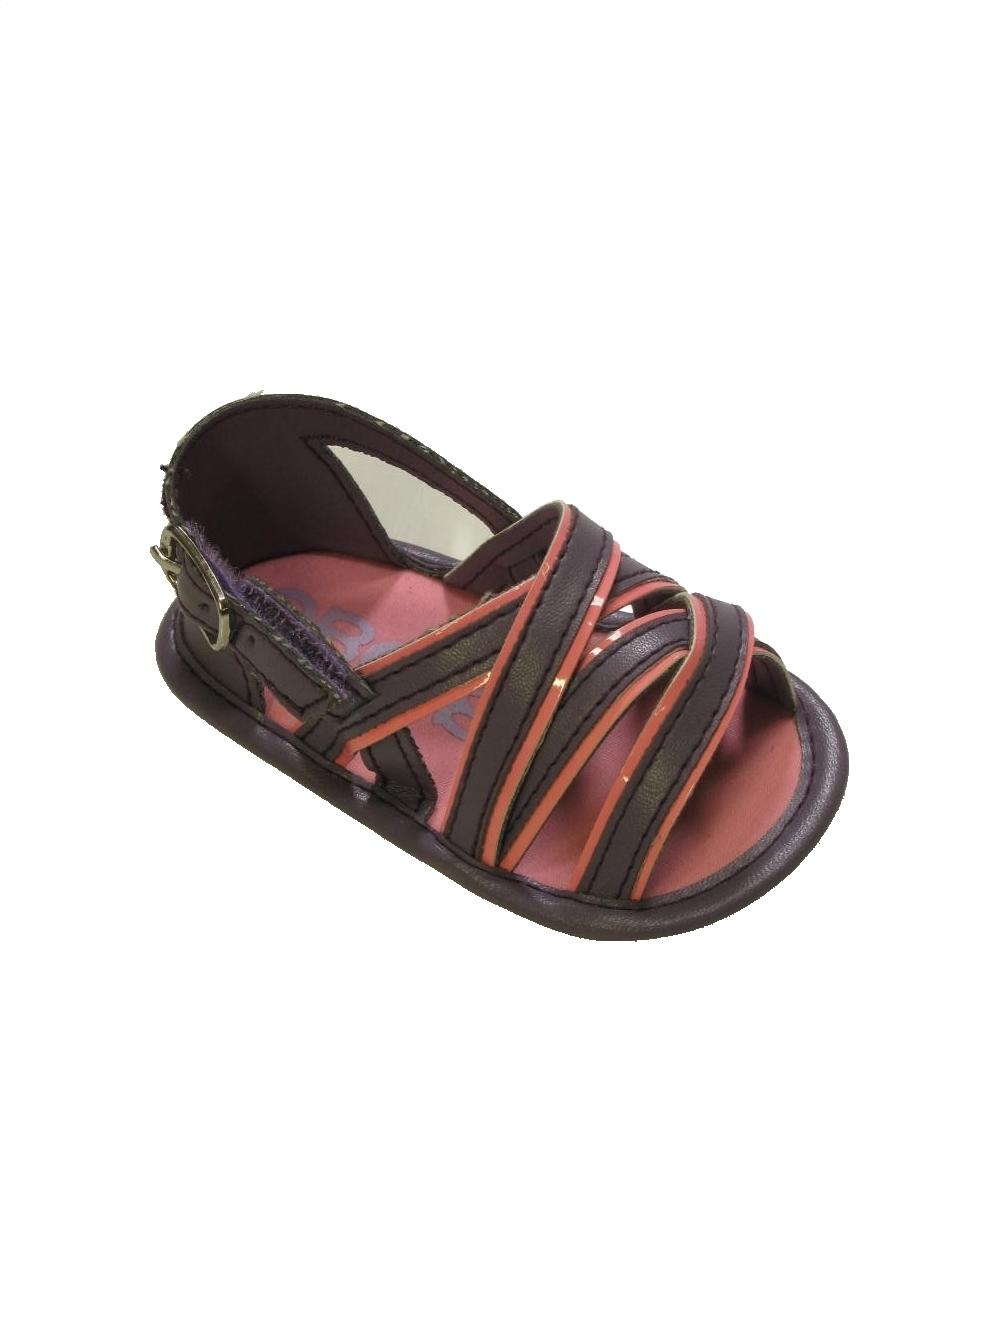 Vêtements et chaussures bébé fille chez du Kiabi obaibi Gémo Kickers Nike Adidas etc